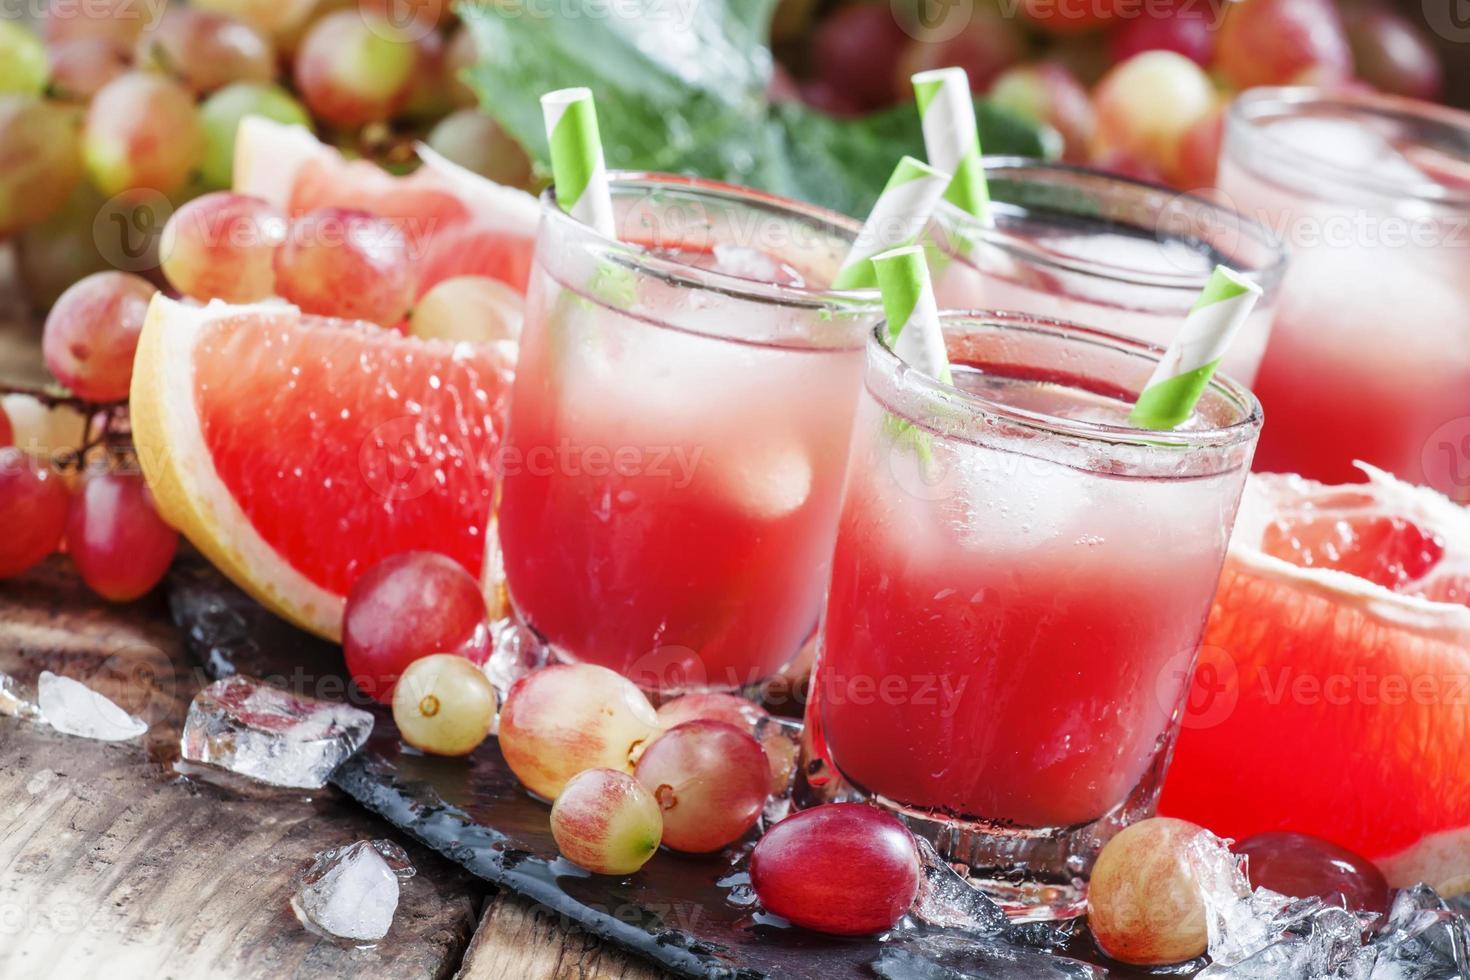 coquetel de uva e toranja com gelo picado foto